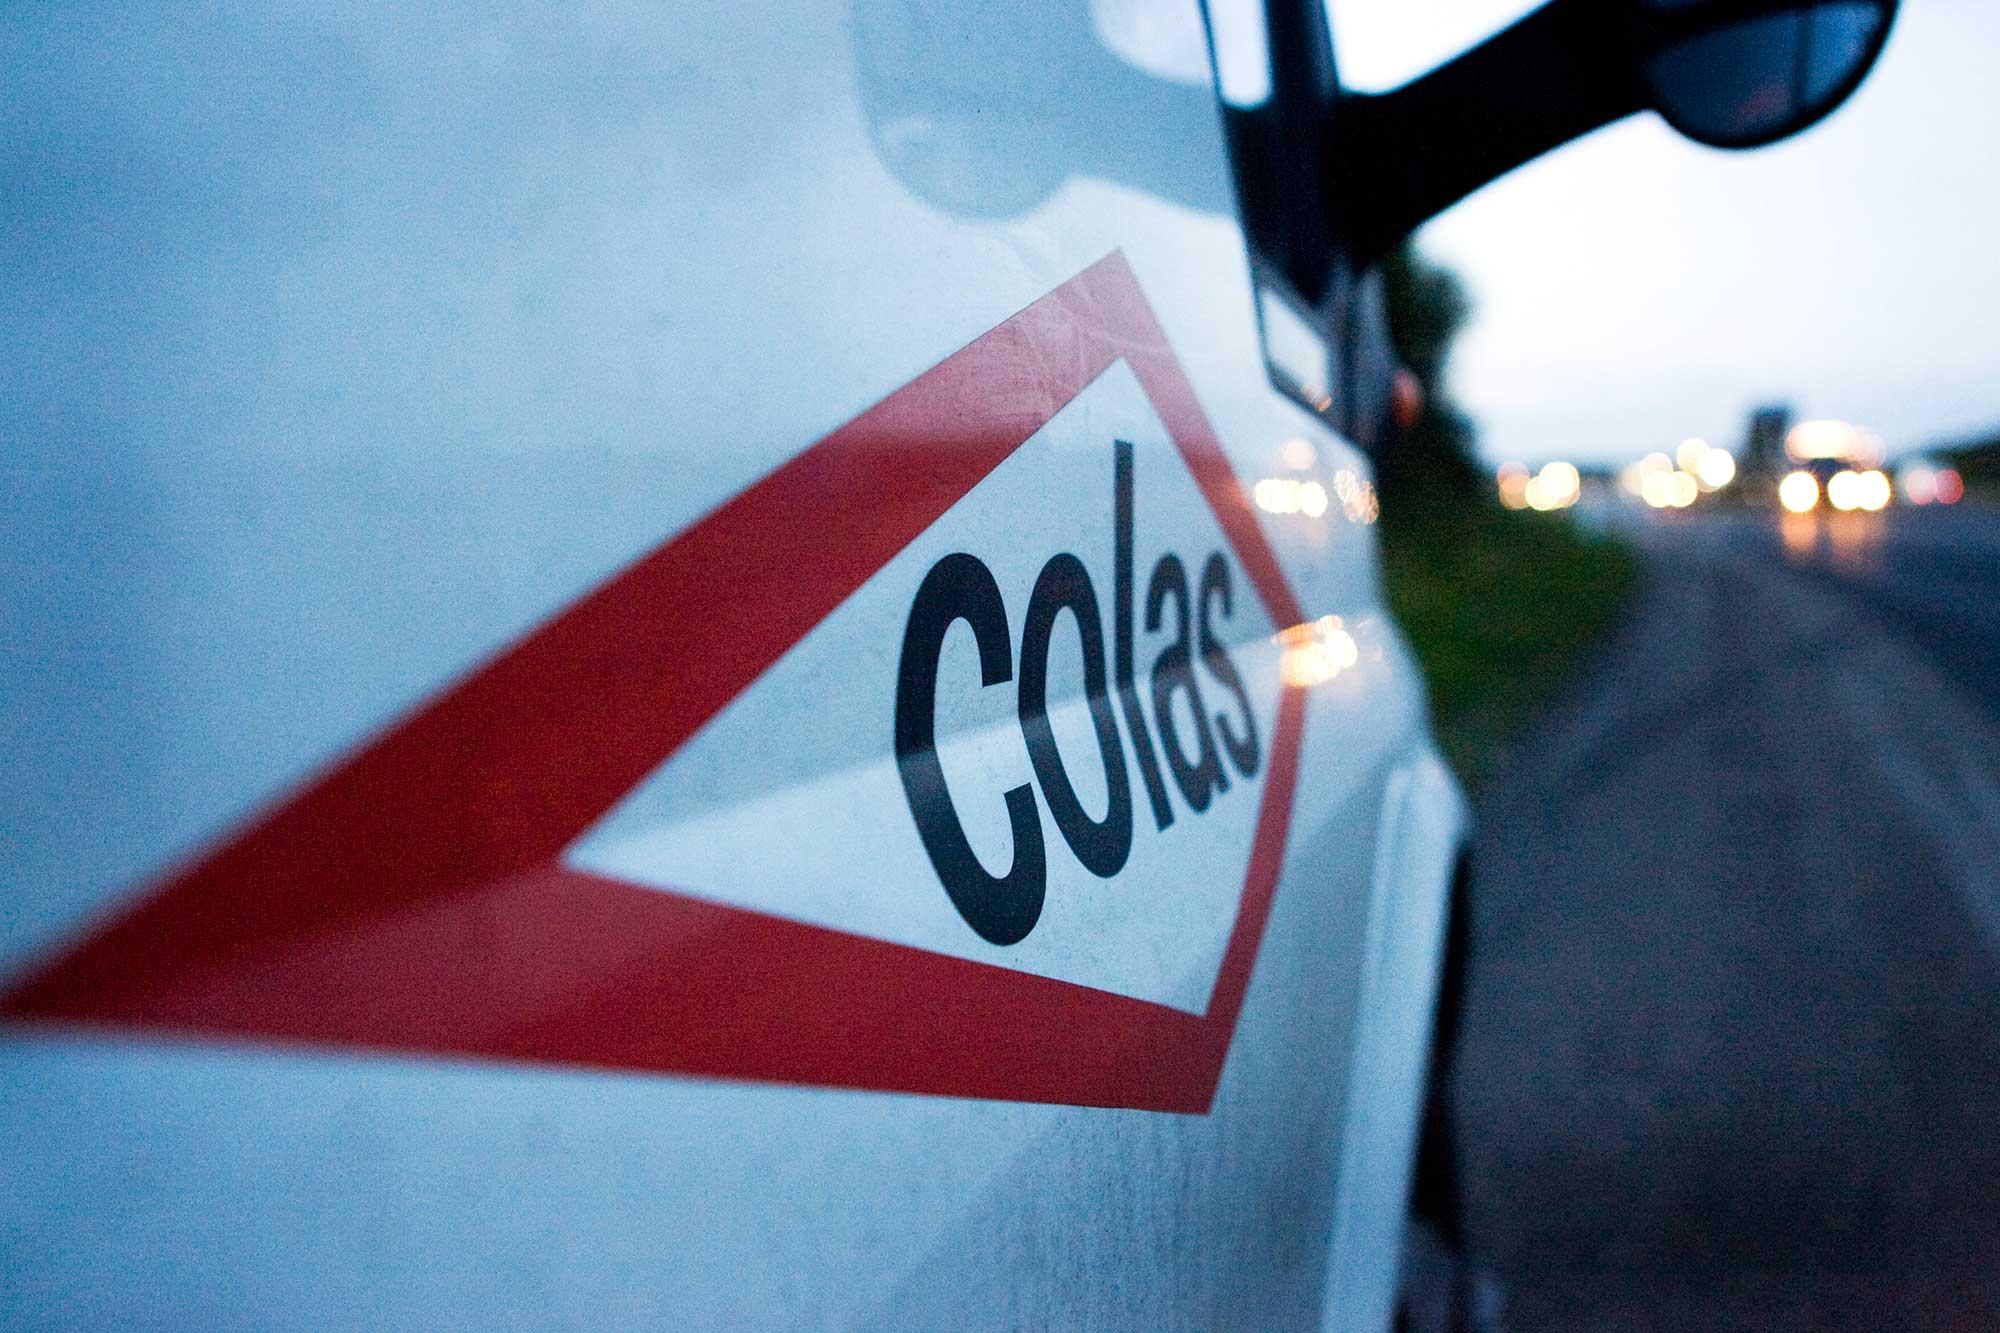 Colas-presse_header